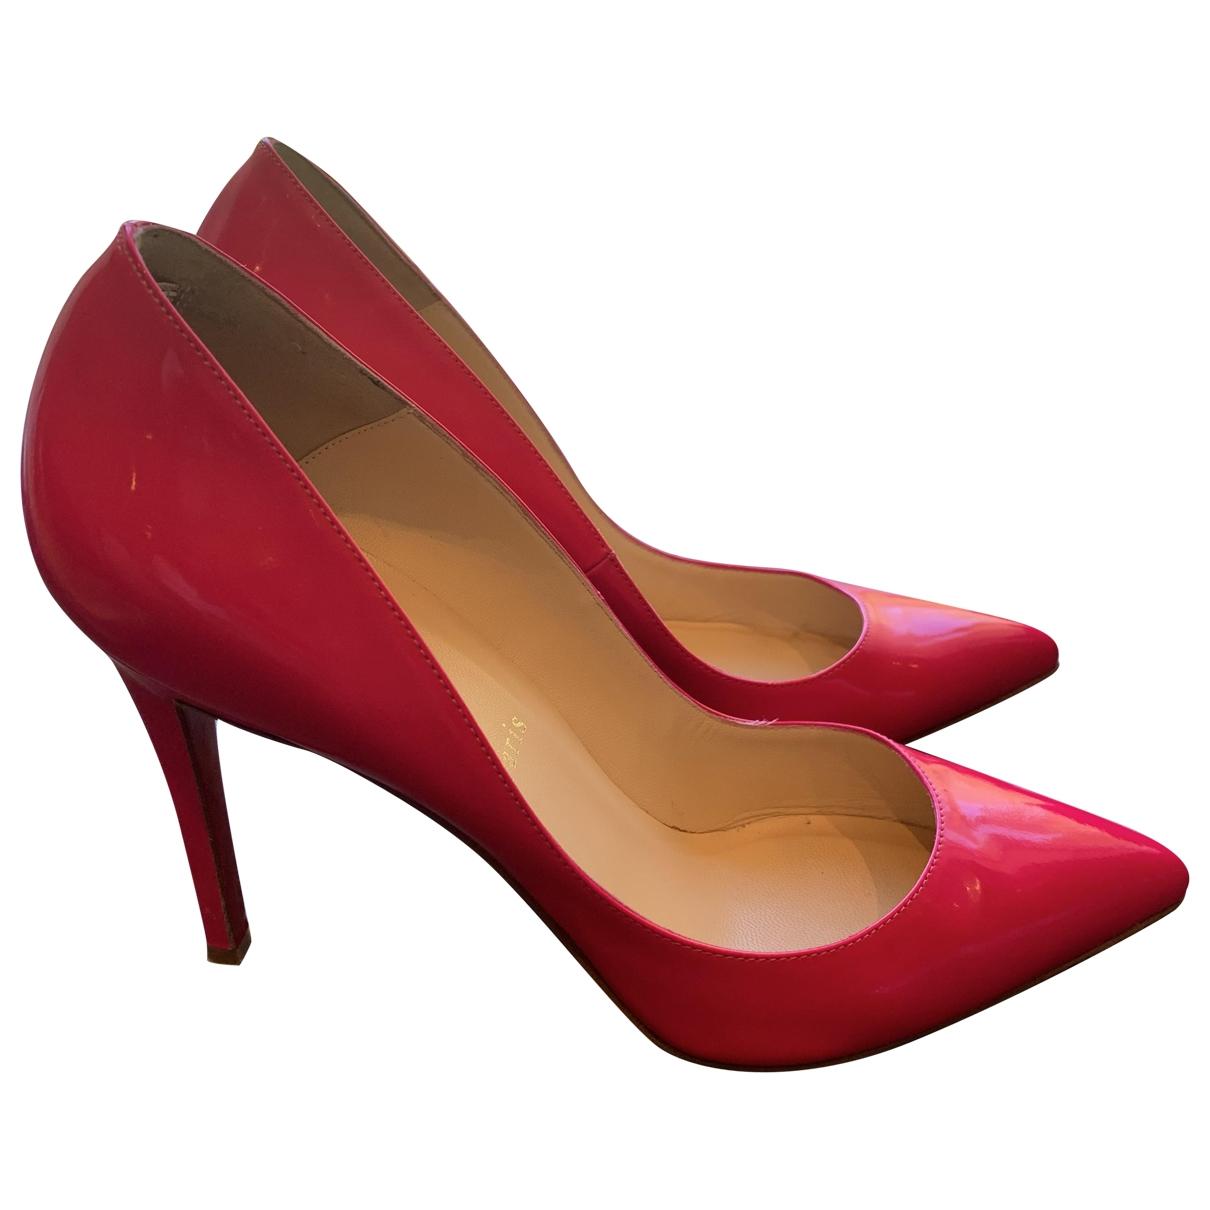 Christian Louboutin - Escarpins Pigalle pour femme en cuir verni - rose